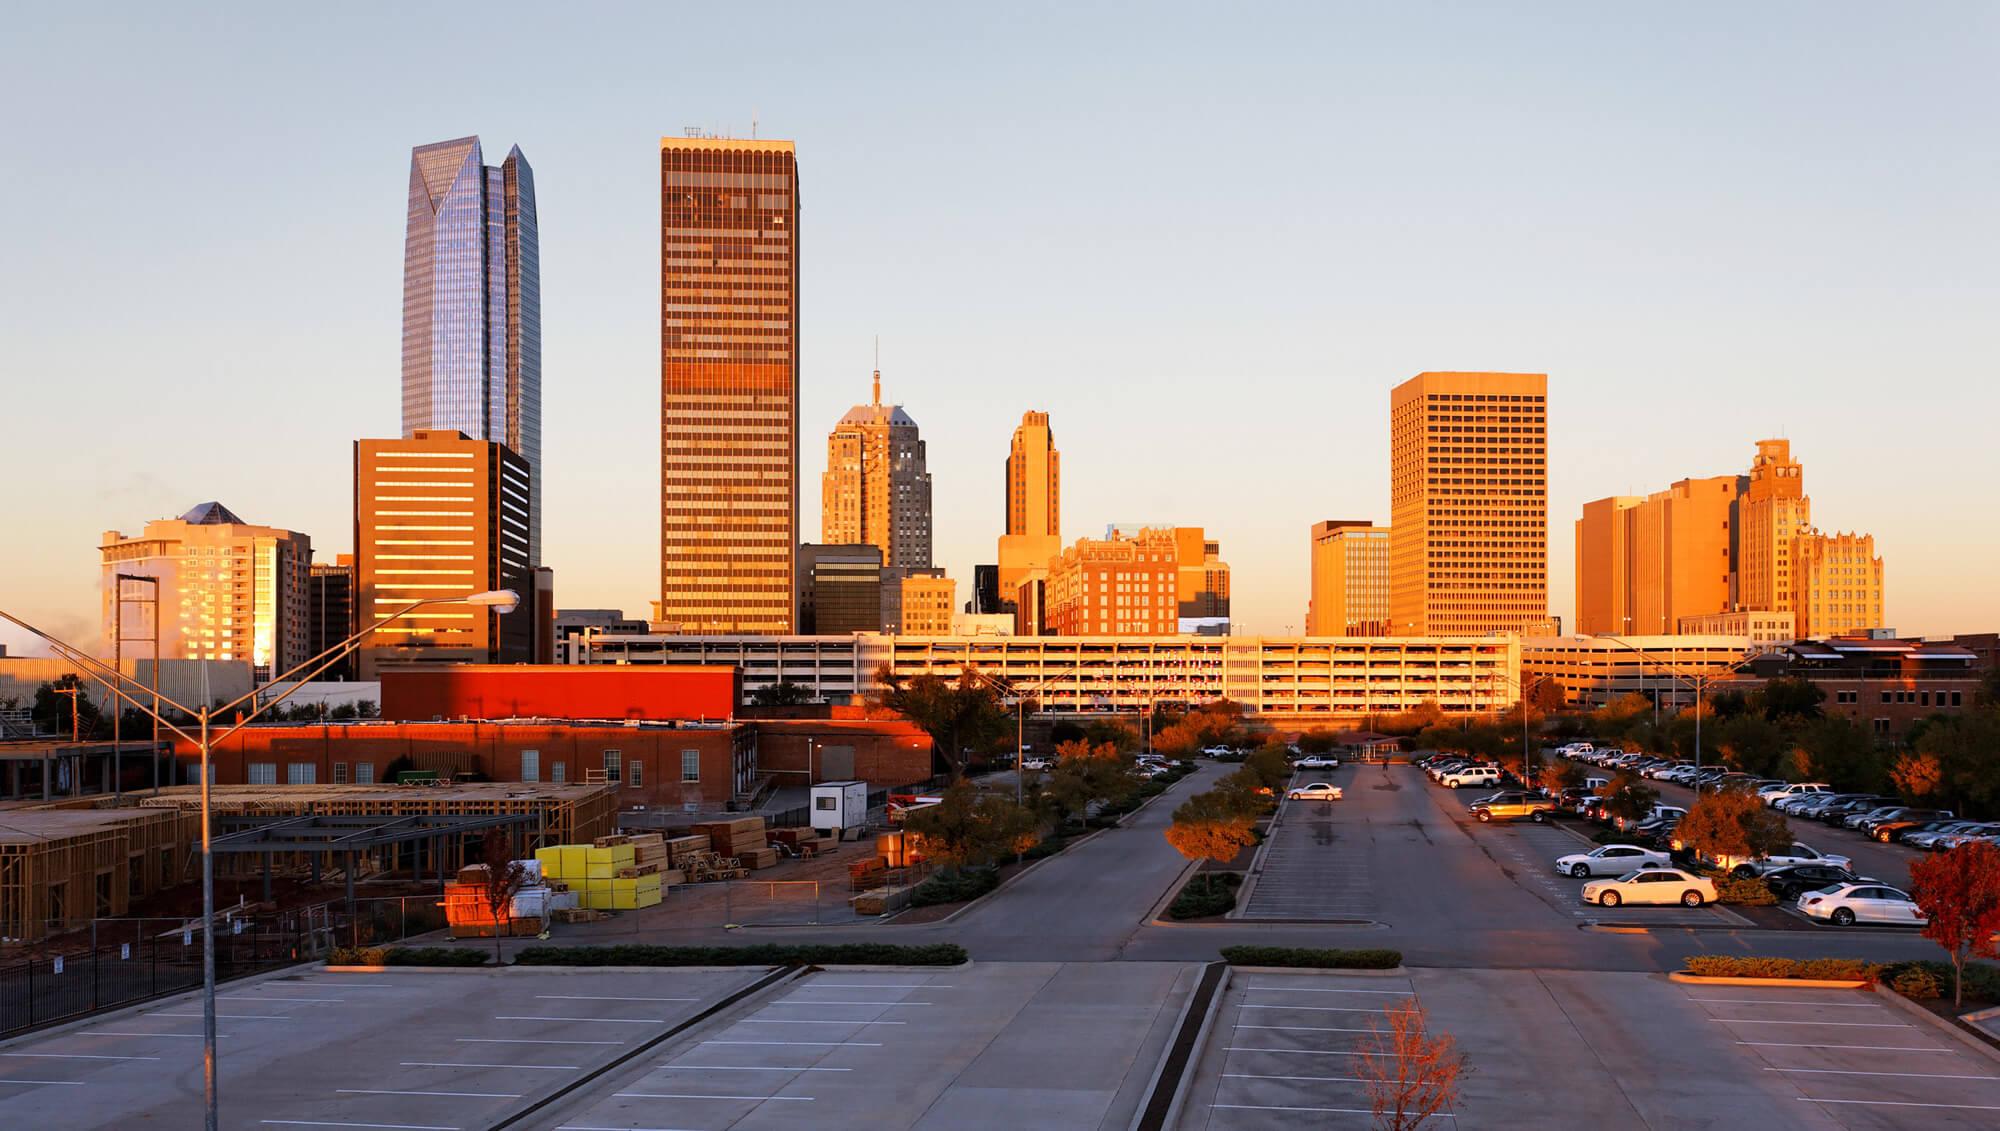 the skyline of Oklahoma City